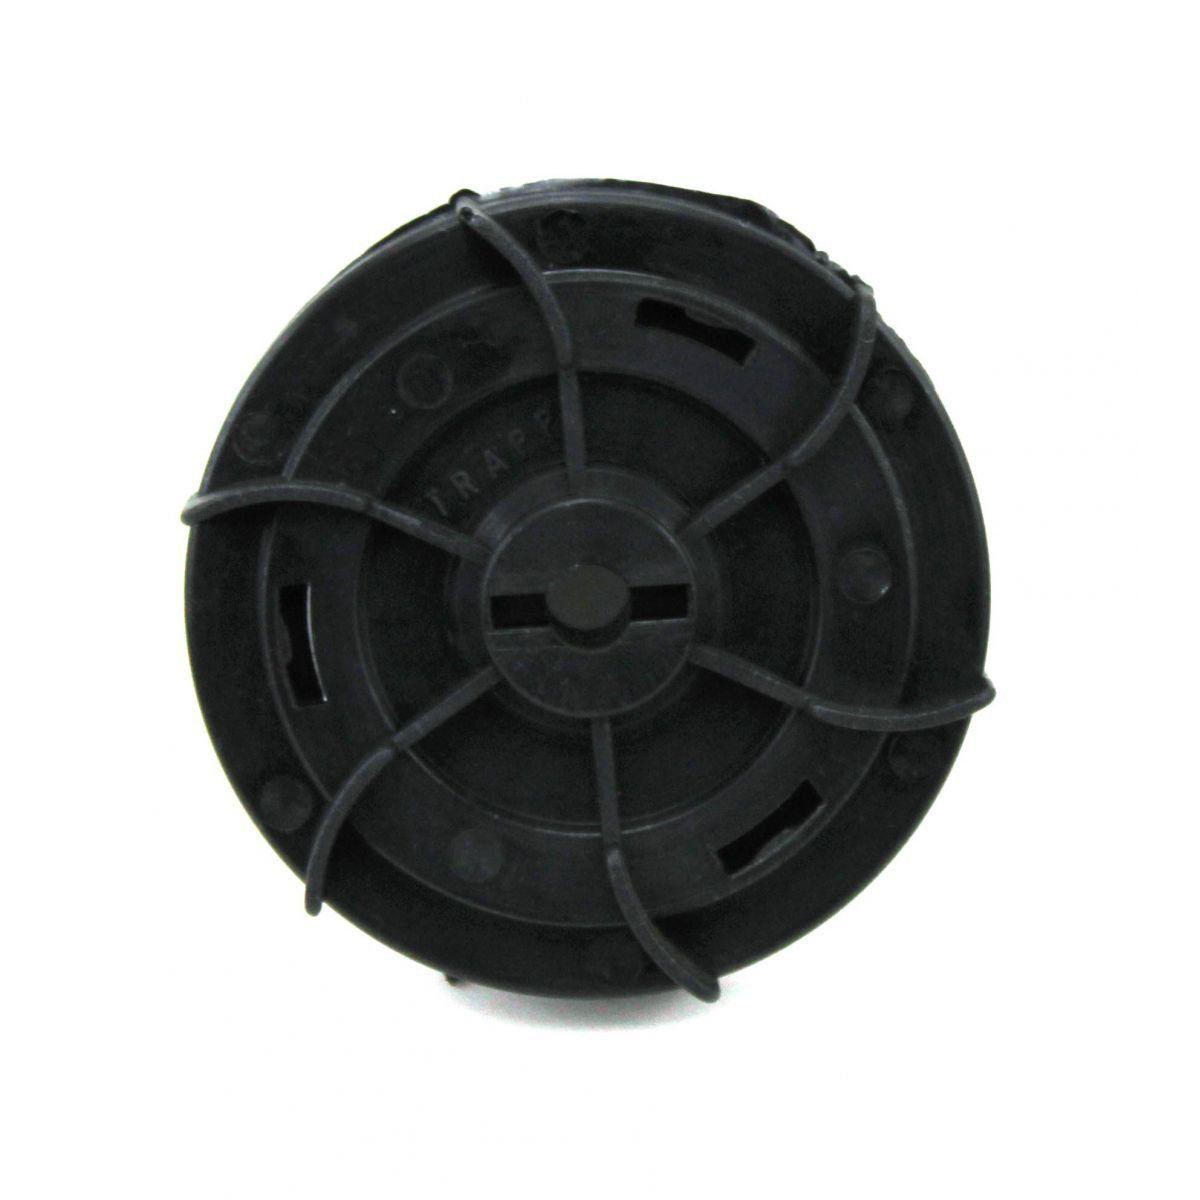 Base Plástica para Carretel dos aparadores de grama elétricos Trapp master 450, 500L, 600, 700L e Super 500, 700